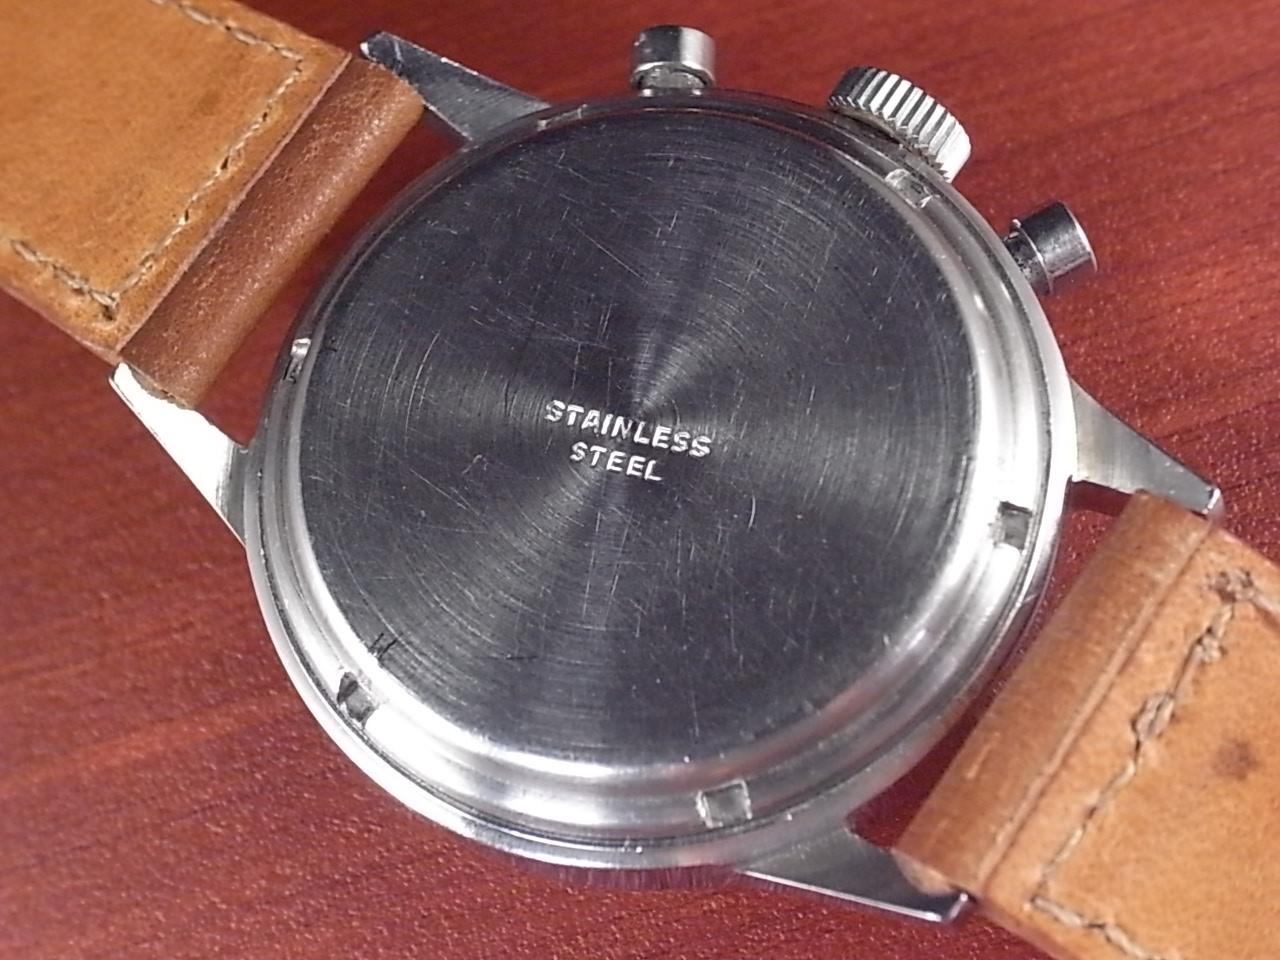 ミネルバ 3レジスタークロノグラフ バルジュー72 1950年代の写真4枚目